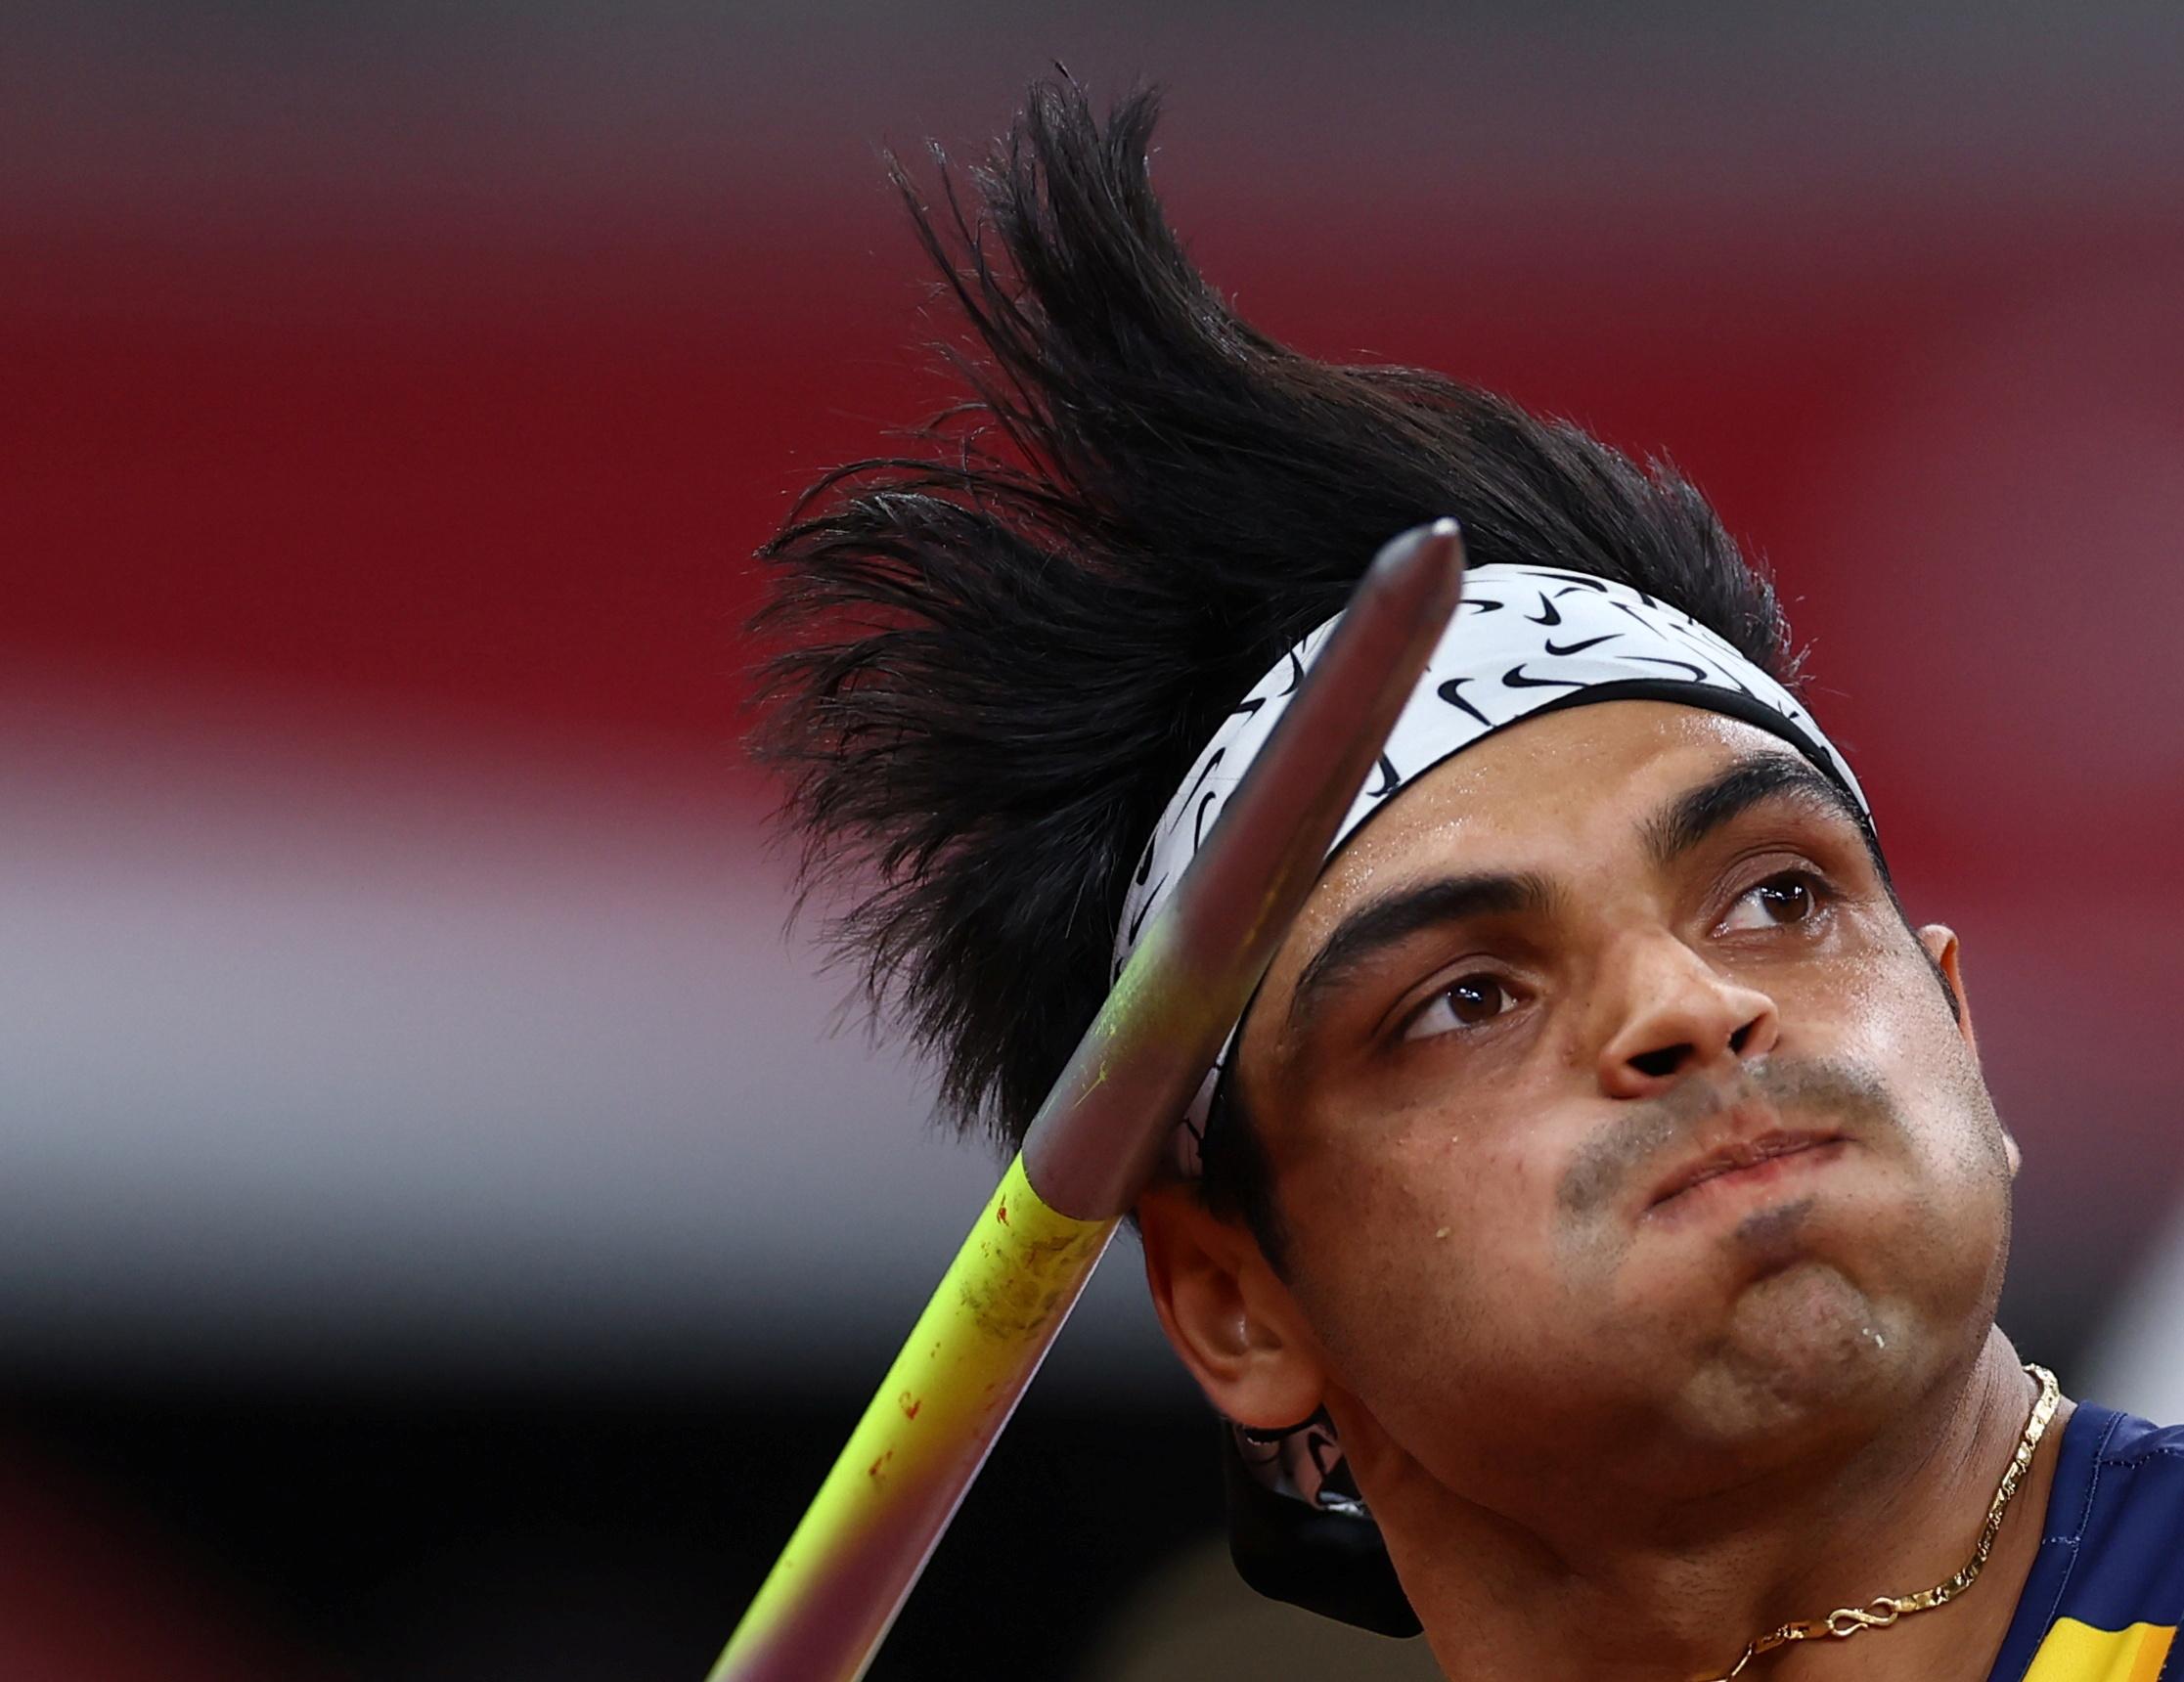 Ολυμπιακοί Αγώνες: Πρώτο χρυσό για την Ινδία στο στίβο με τον ακοντιστή Τσόπρα να γράφει ιστορία